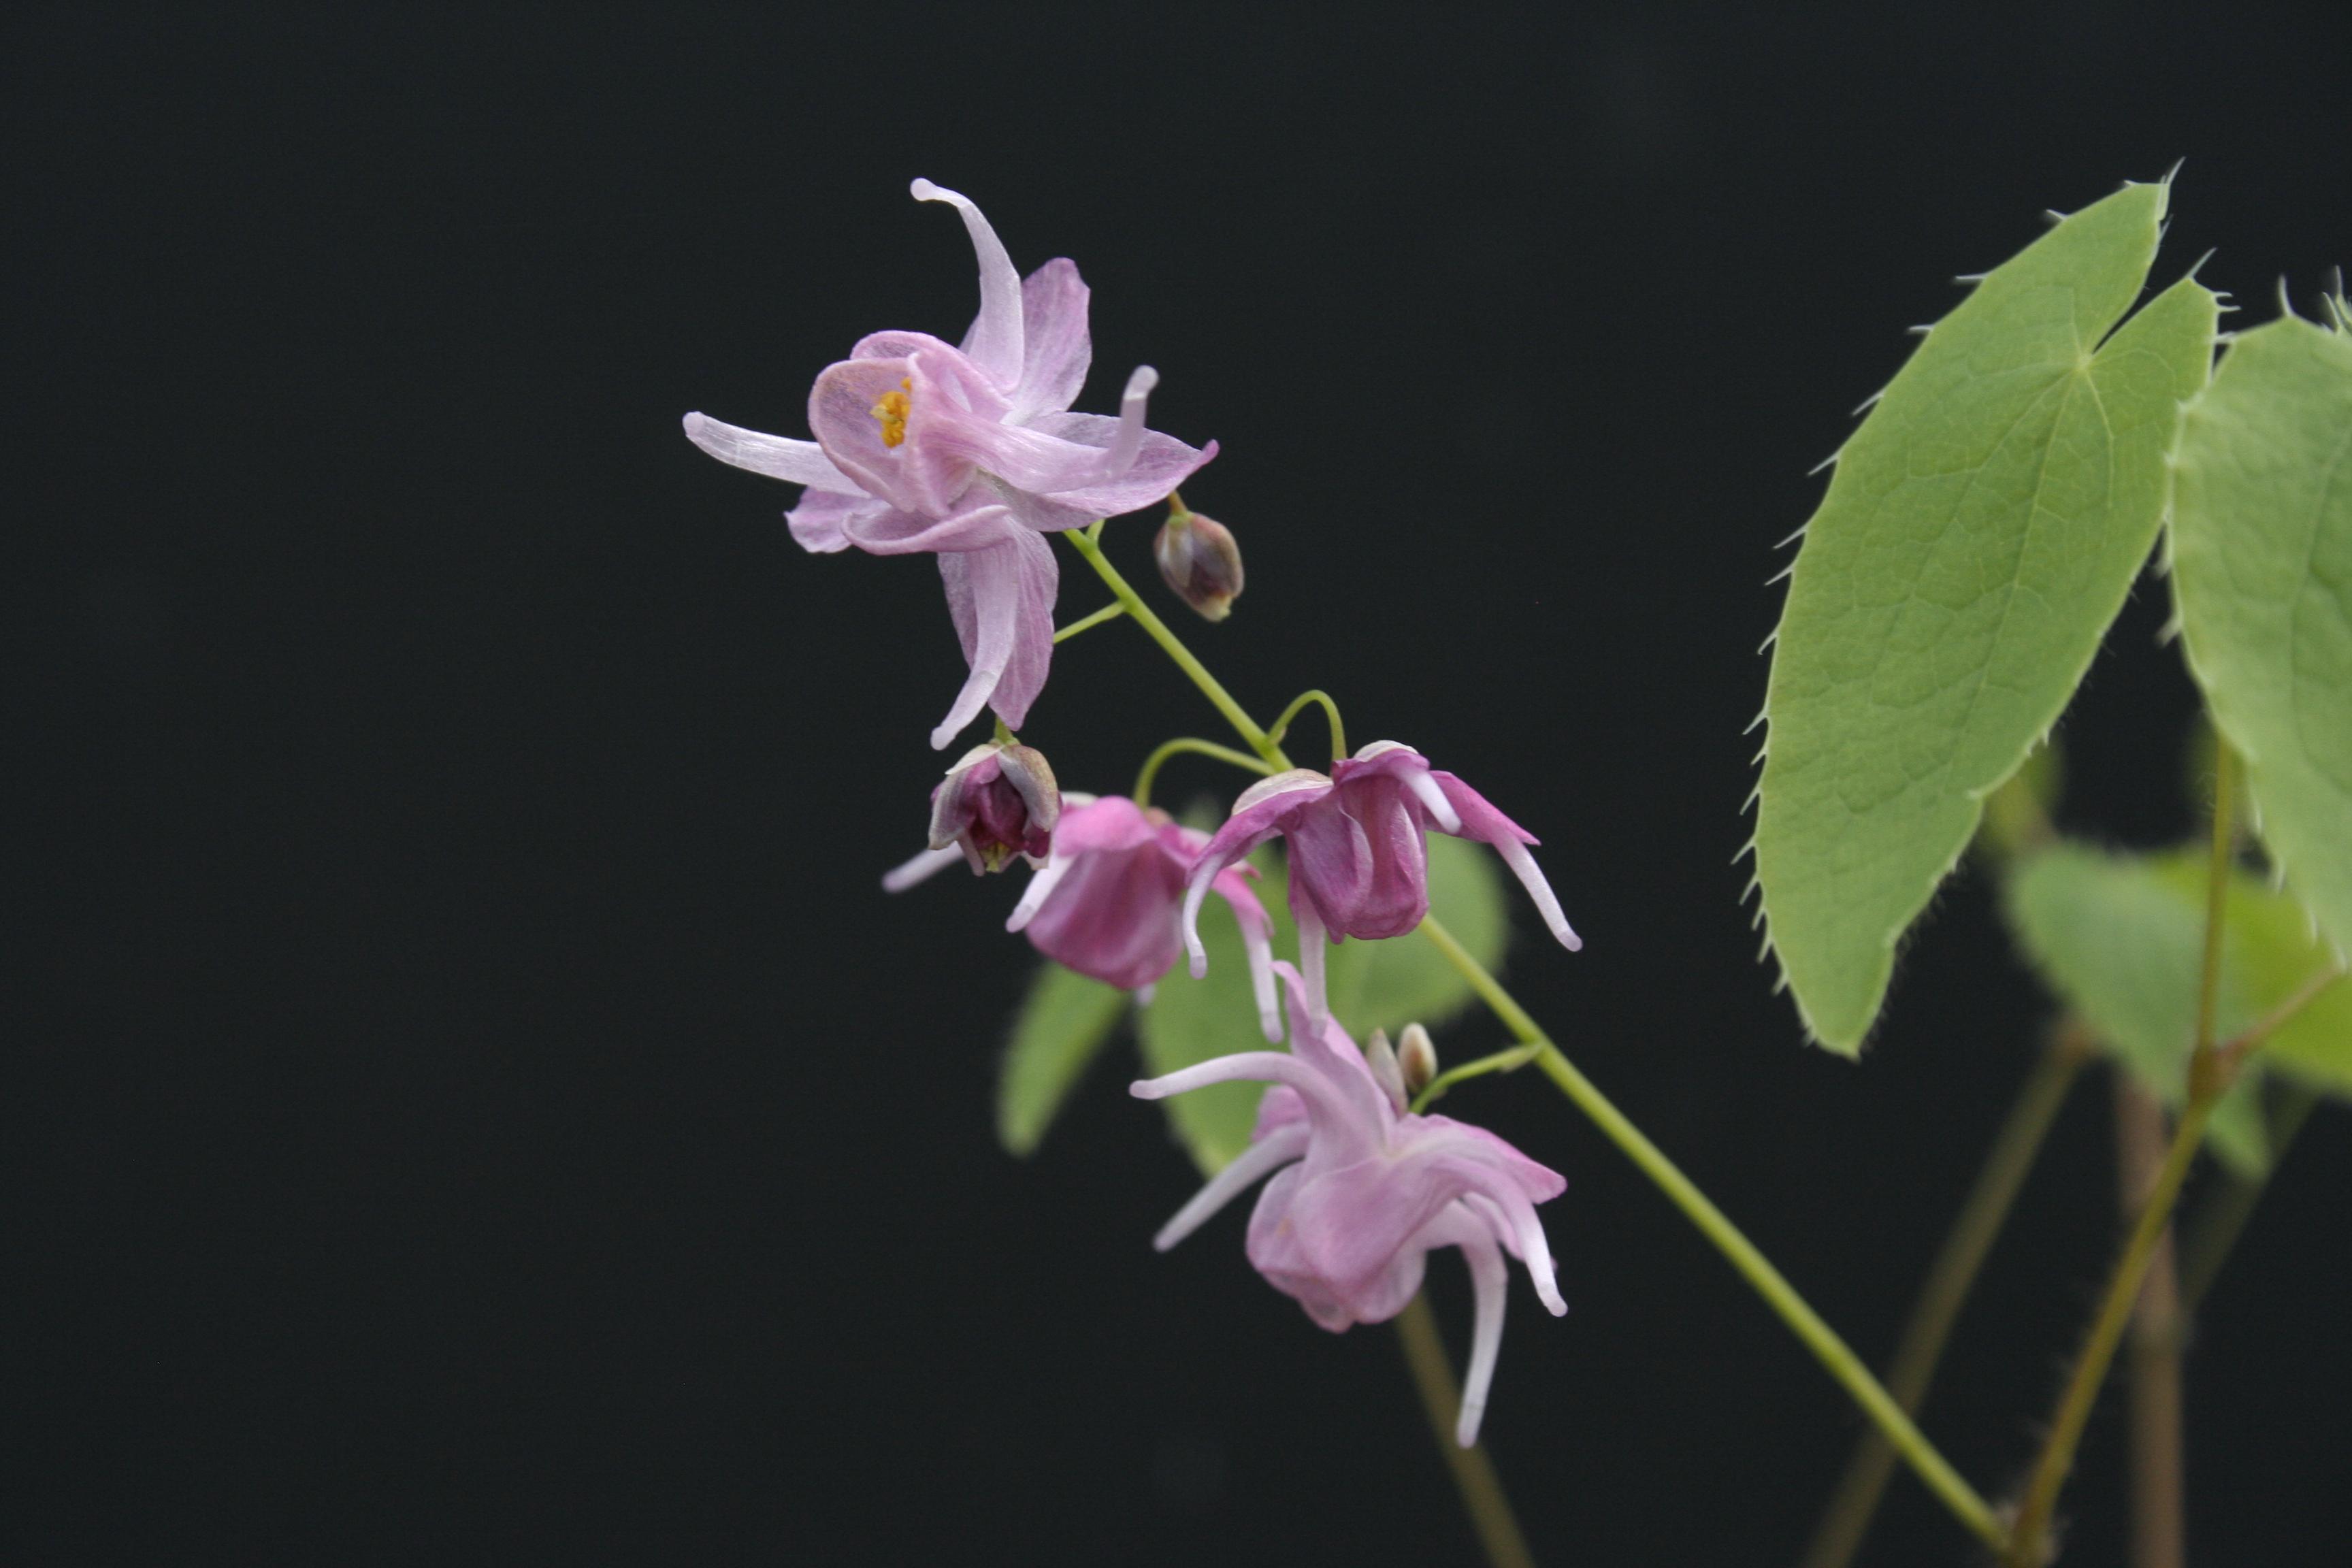 Epimedium grandiflorum 'Shiho' @ Japan (T. Izumi); deciduous